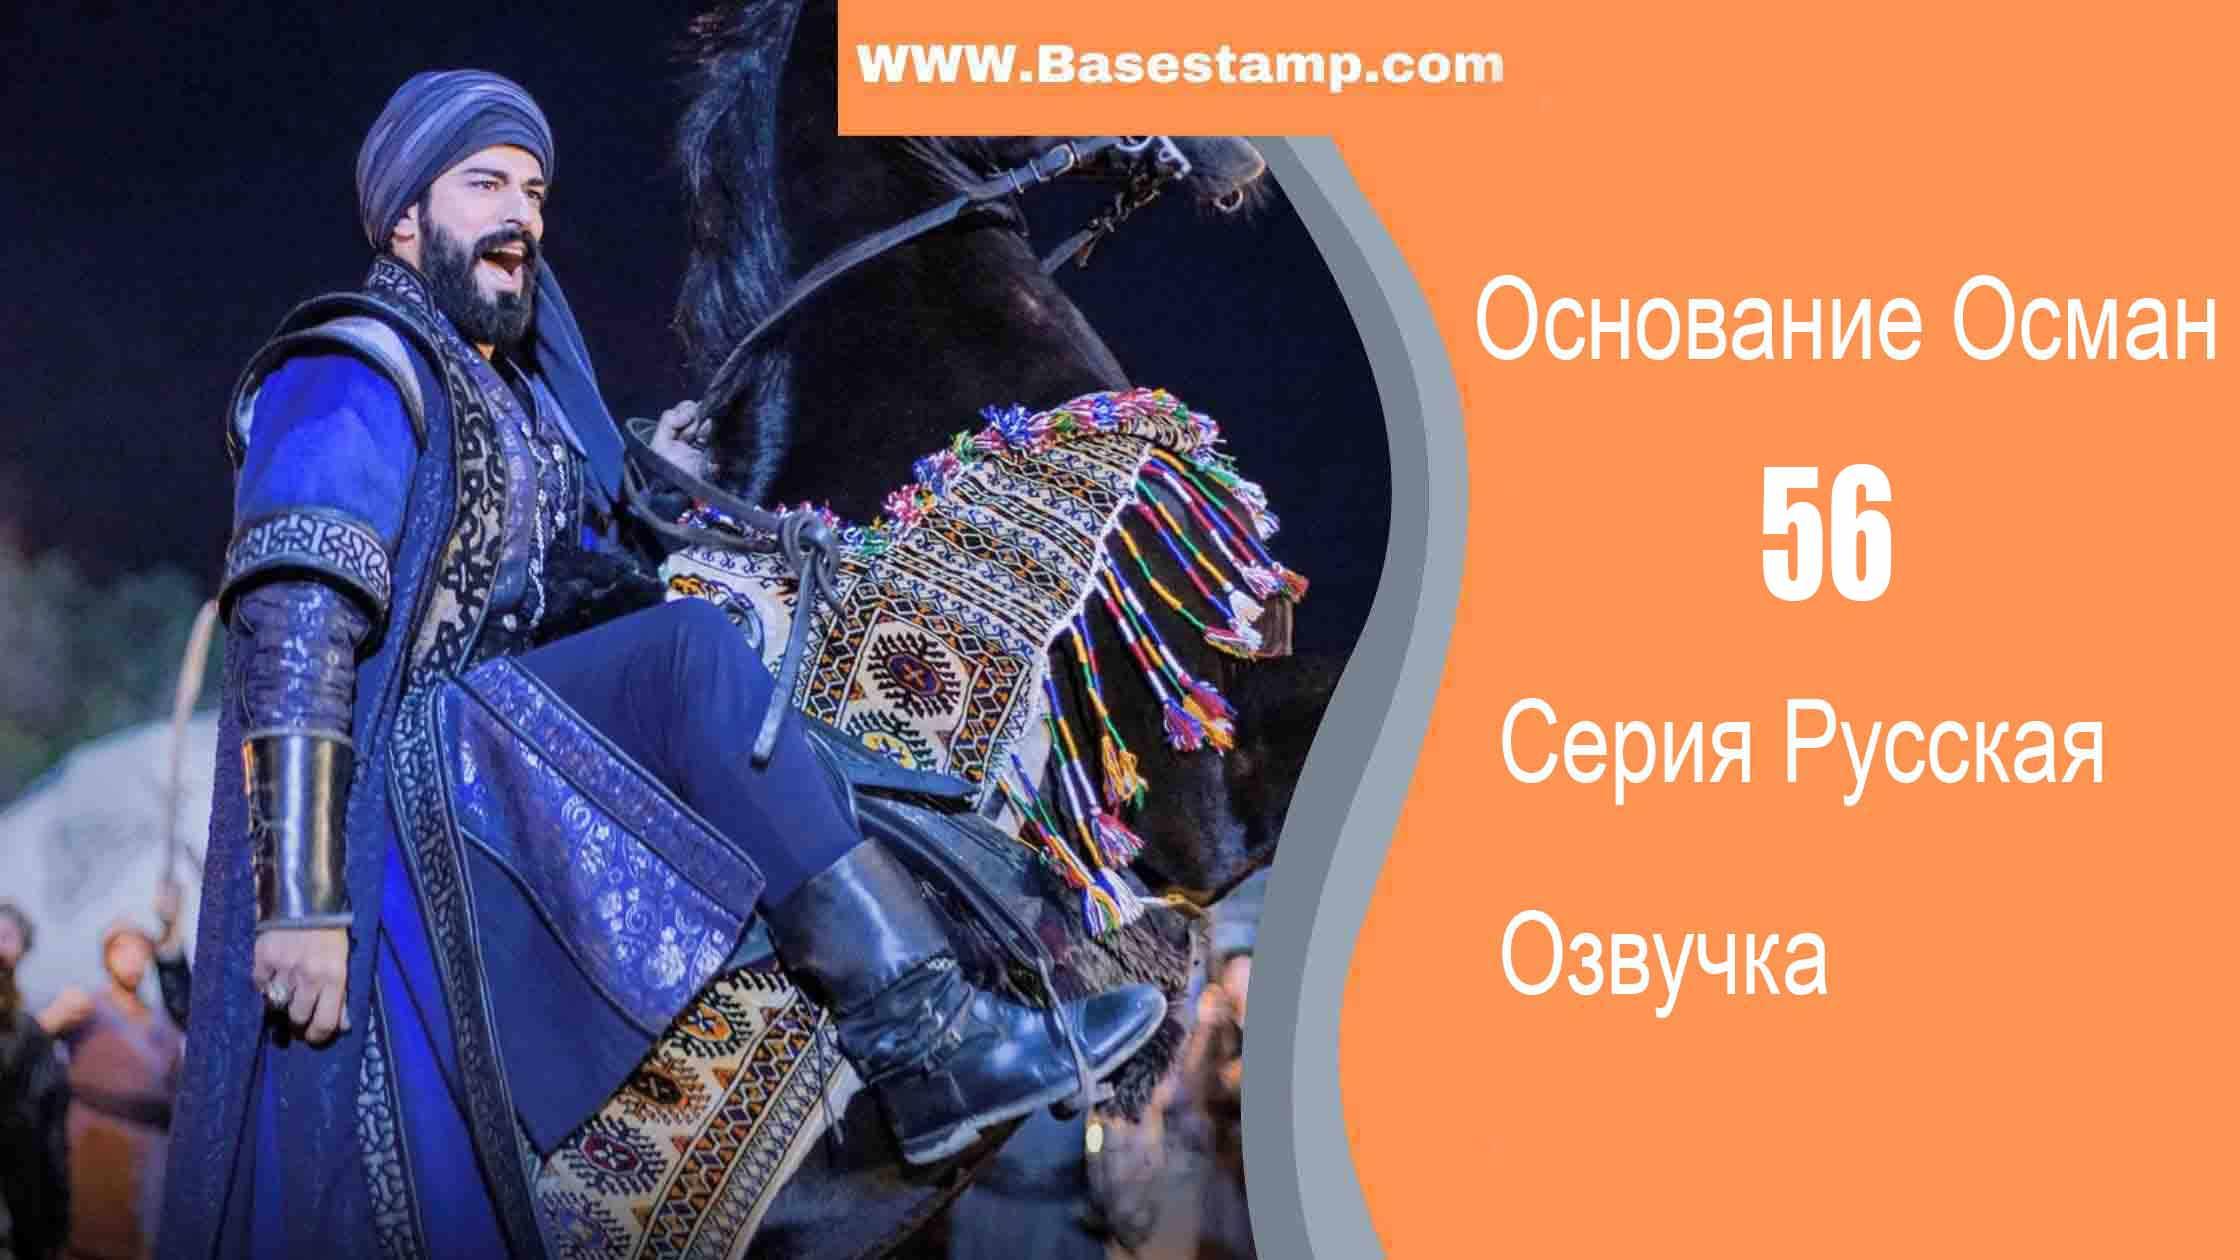 ▷❤️Основание Осман 56 Серия Русская Озвучка ок